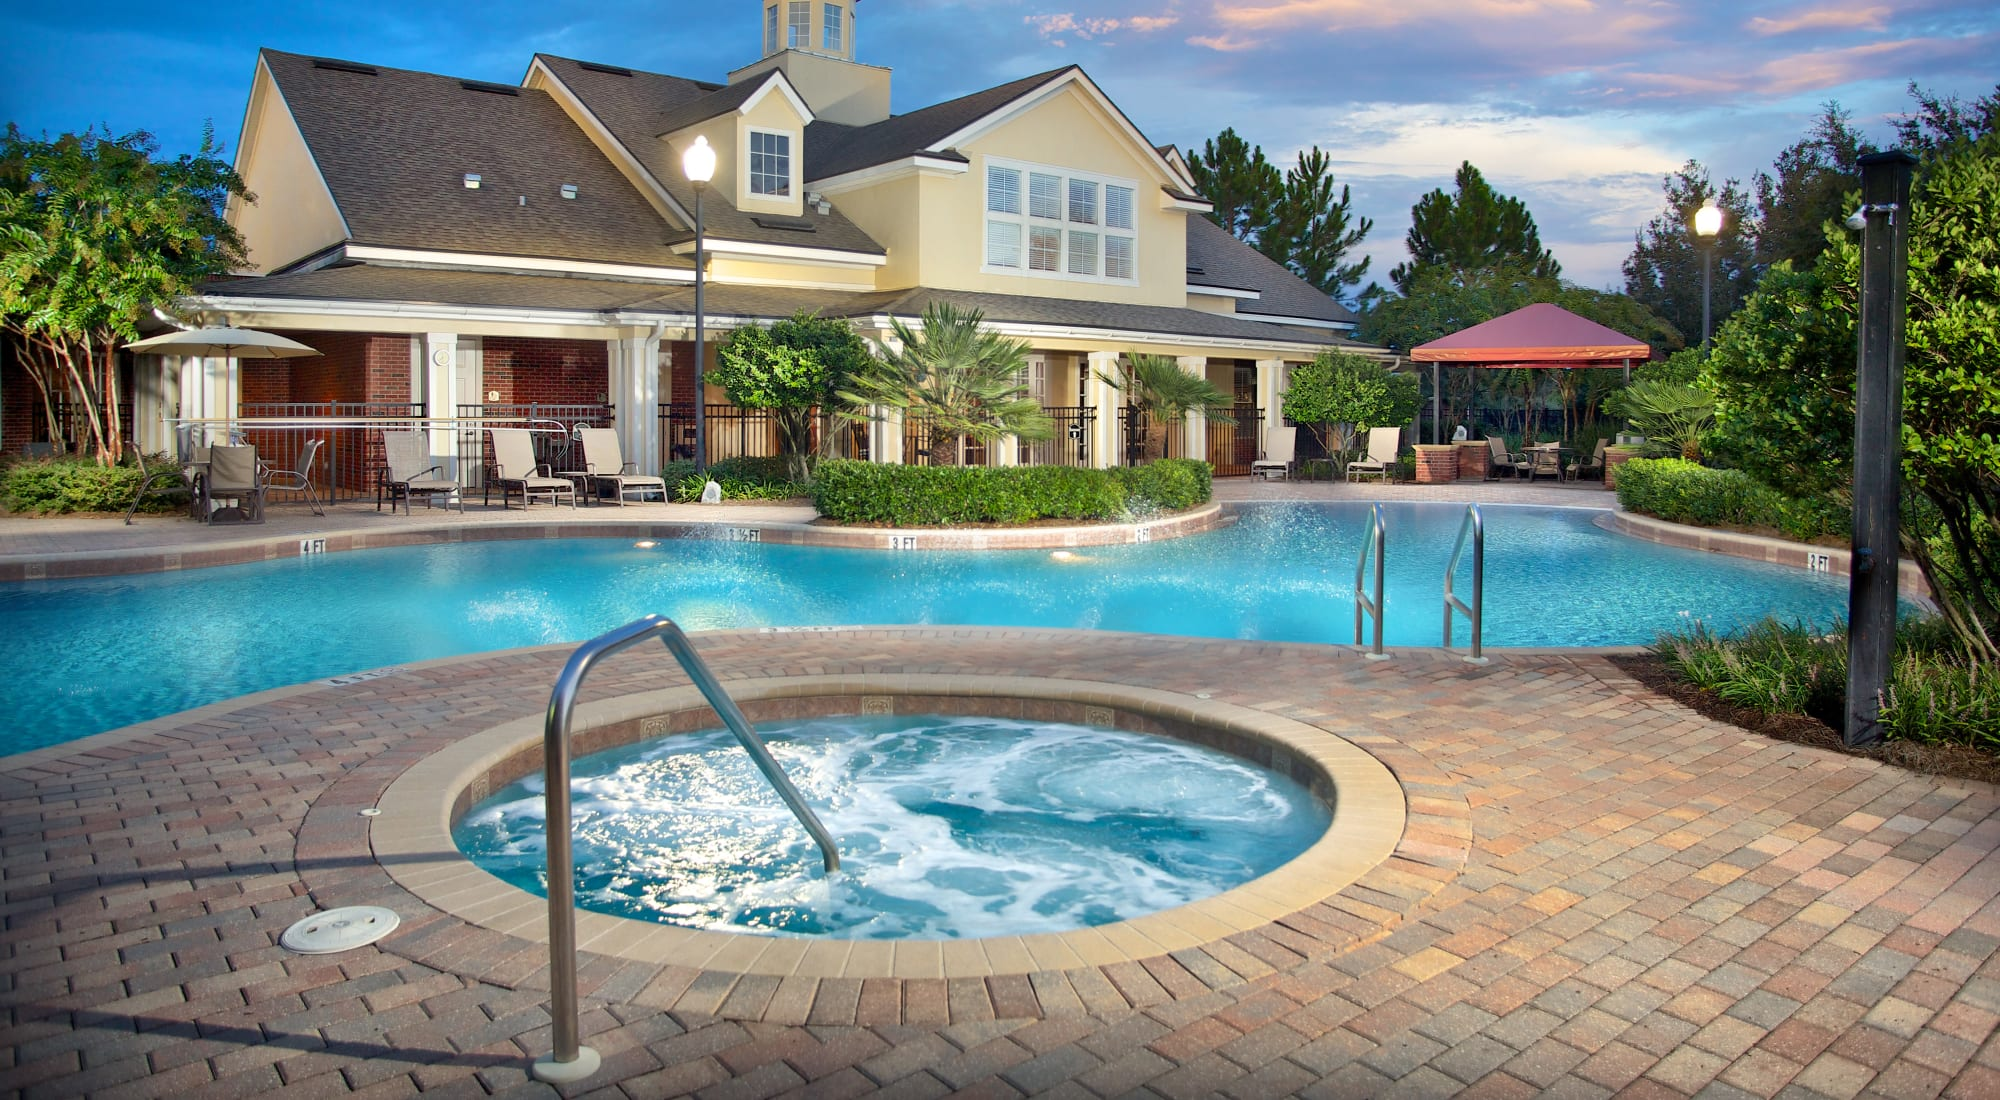 Apartments at Provenza at Southwood in Tallahassee, Florida